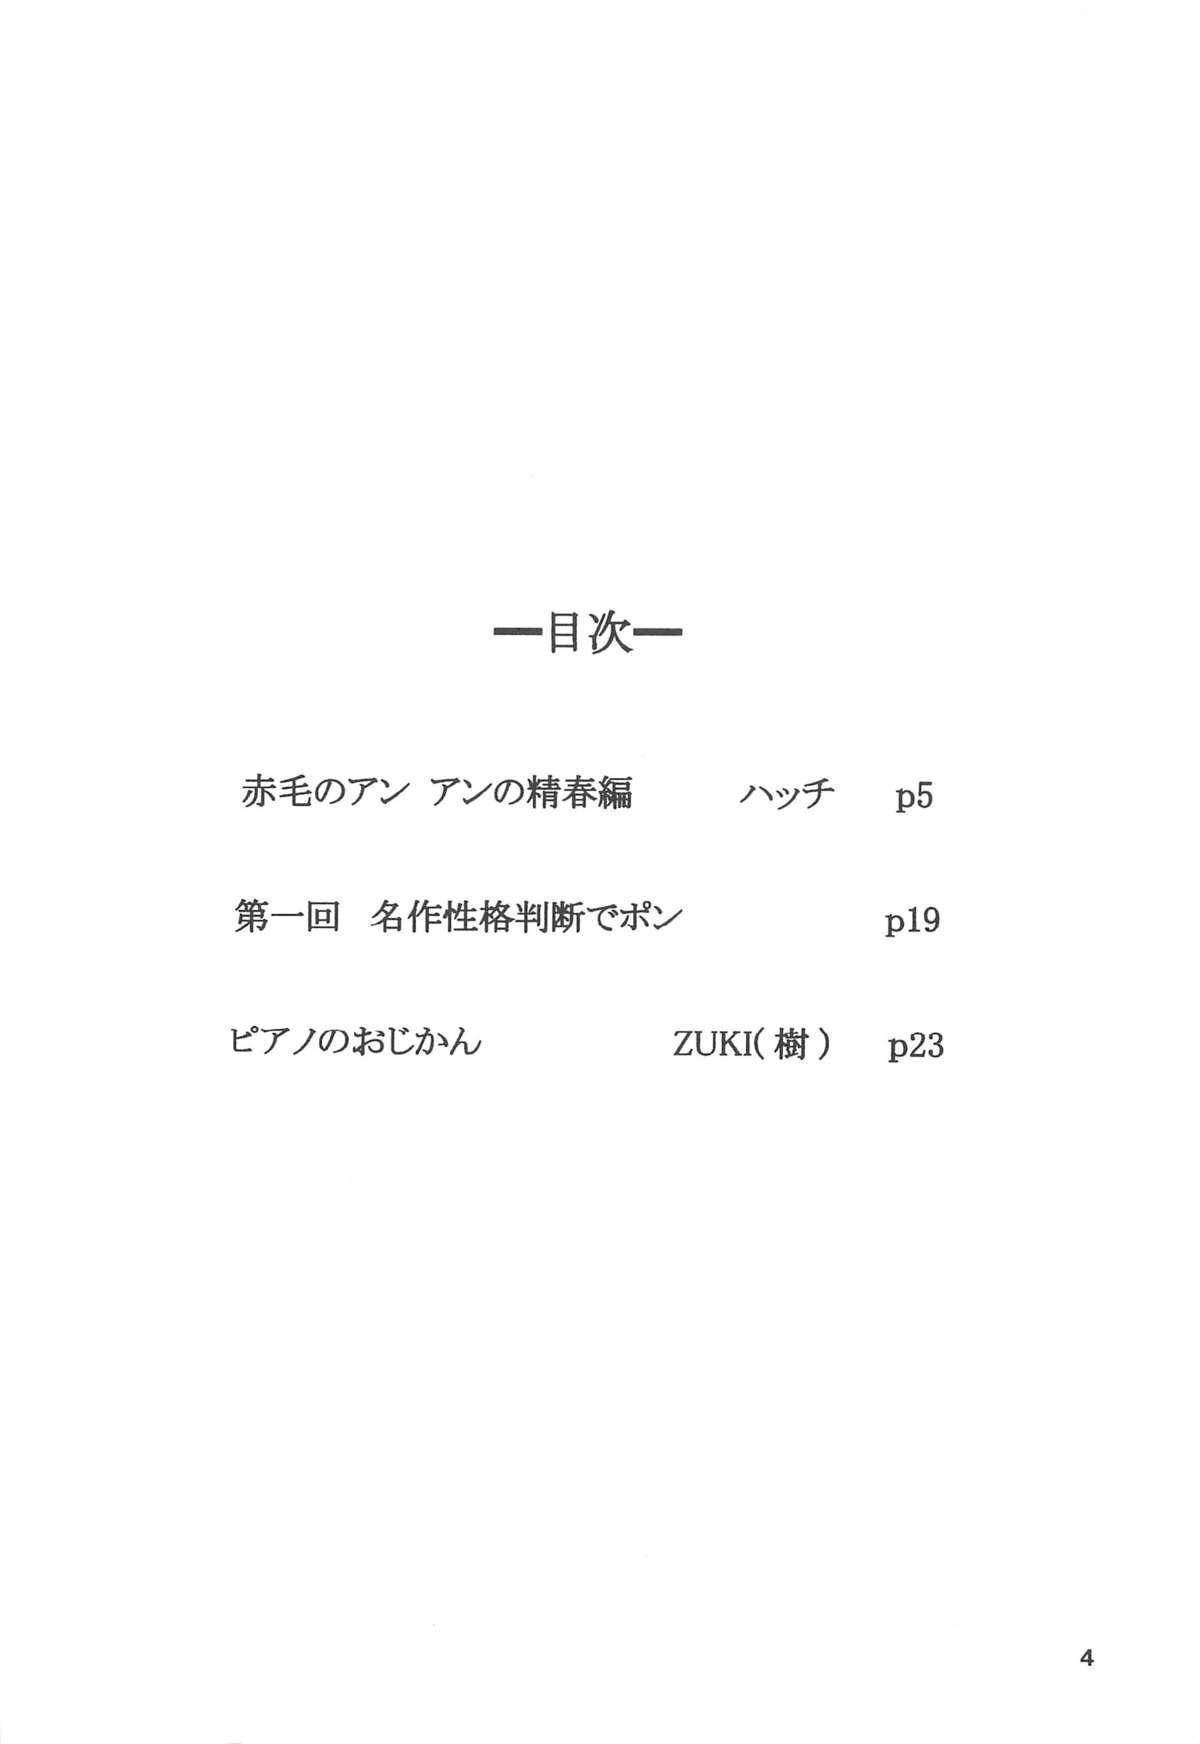 Hatch & Zukki no Sekai Meisaku Gekijou 3